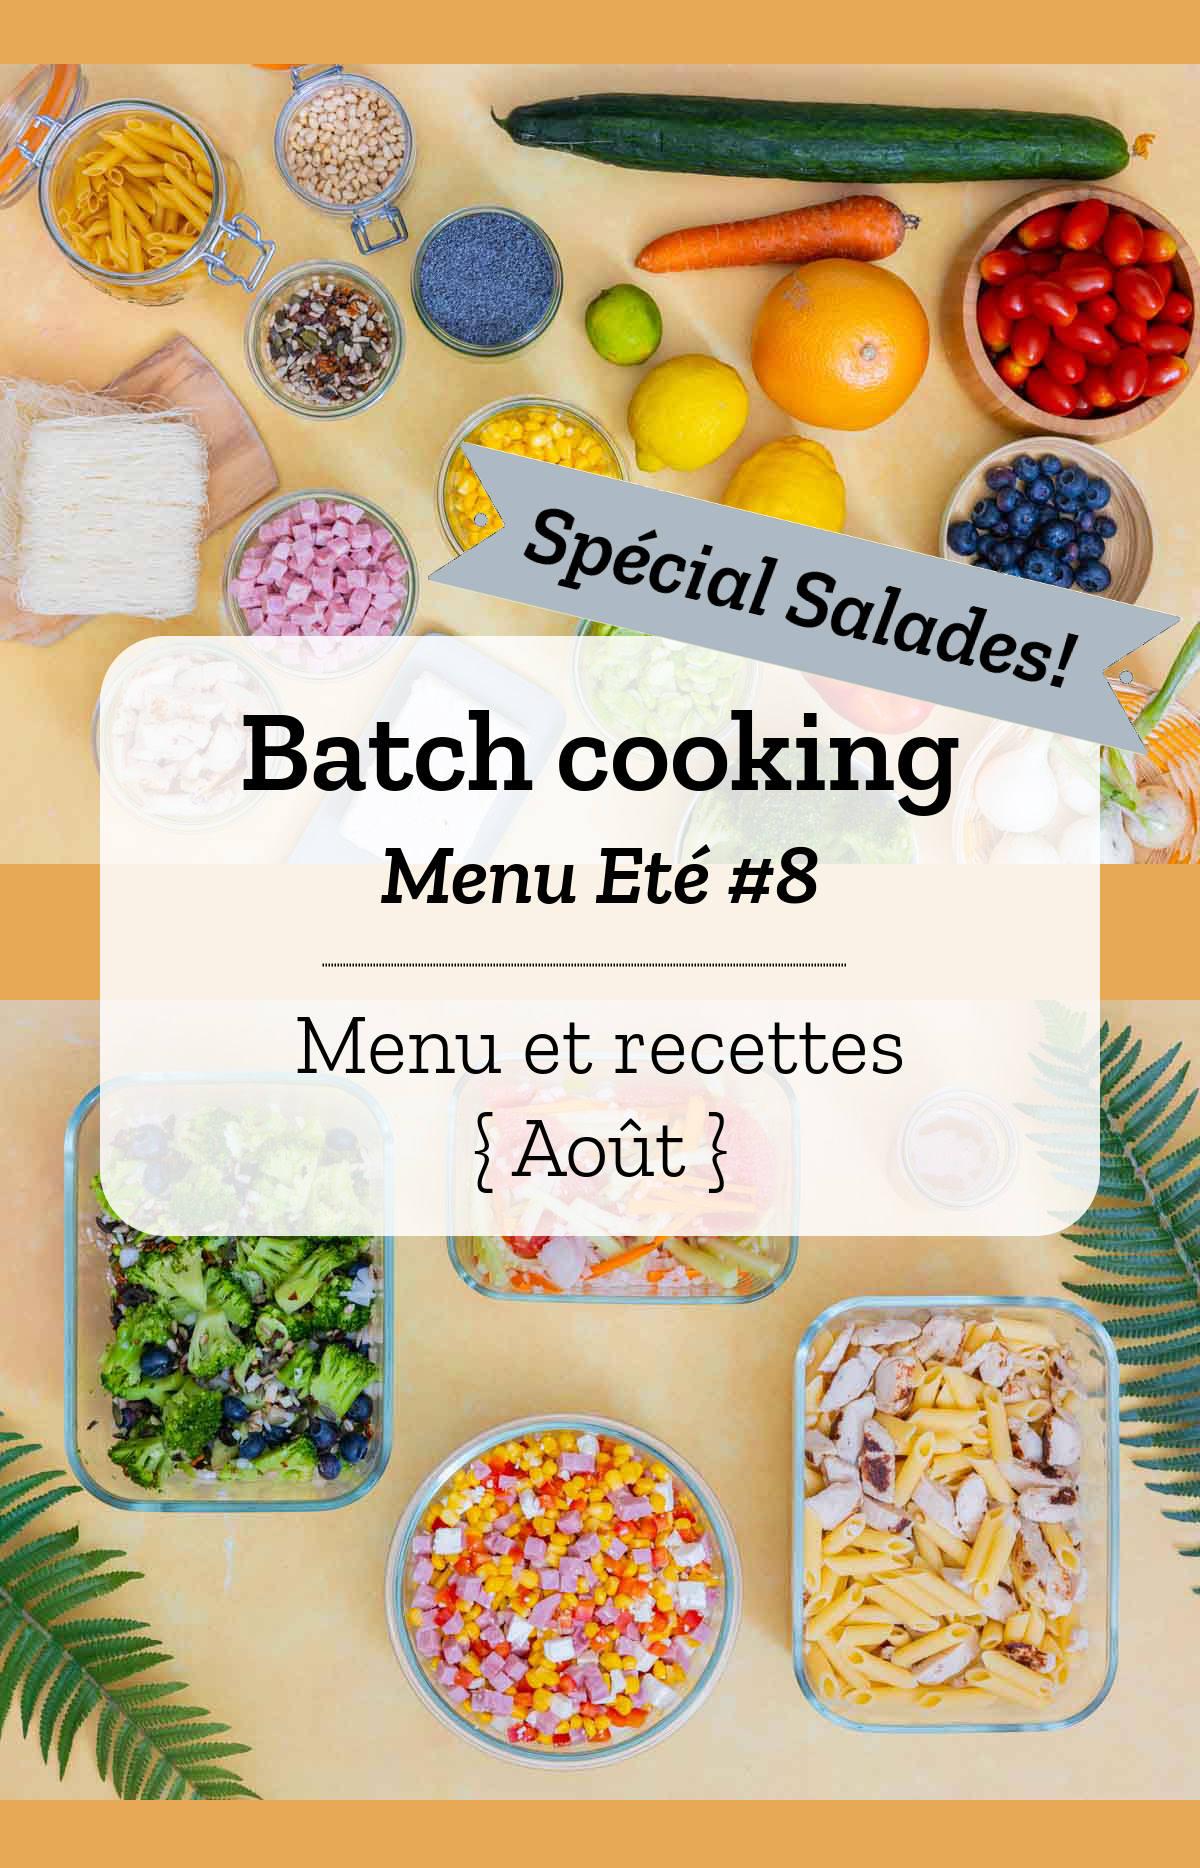 Batch cooking Eté #8 - Mois d\'Août 2020 - Semaine 33